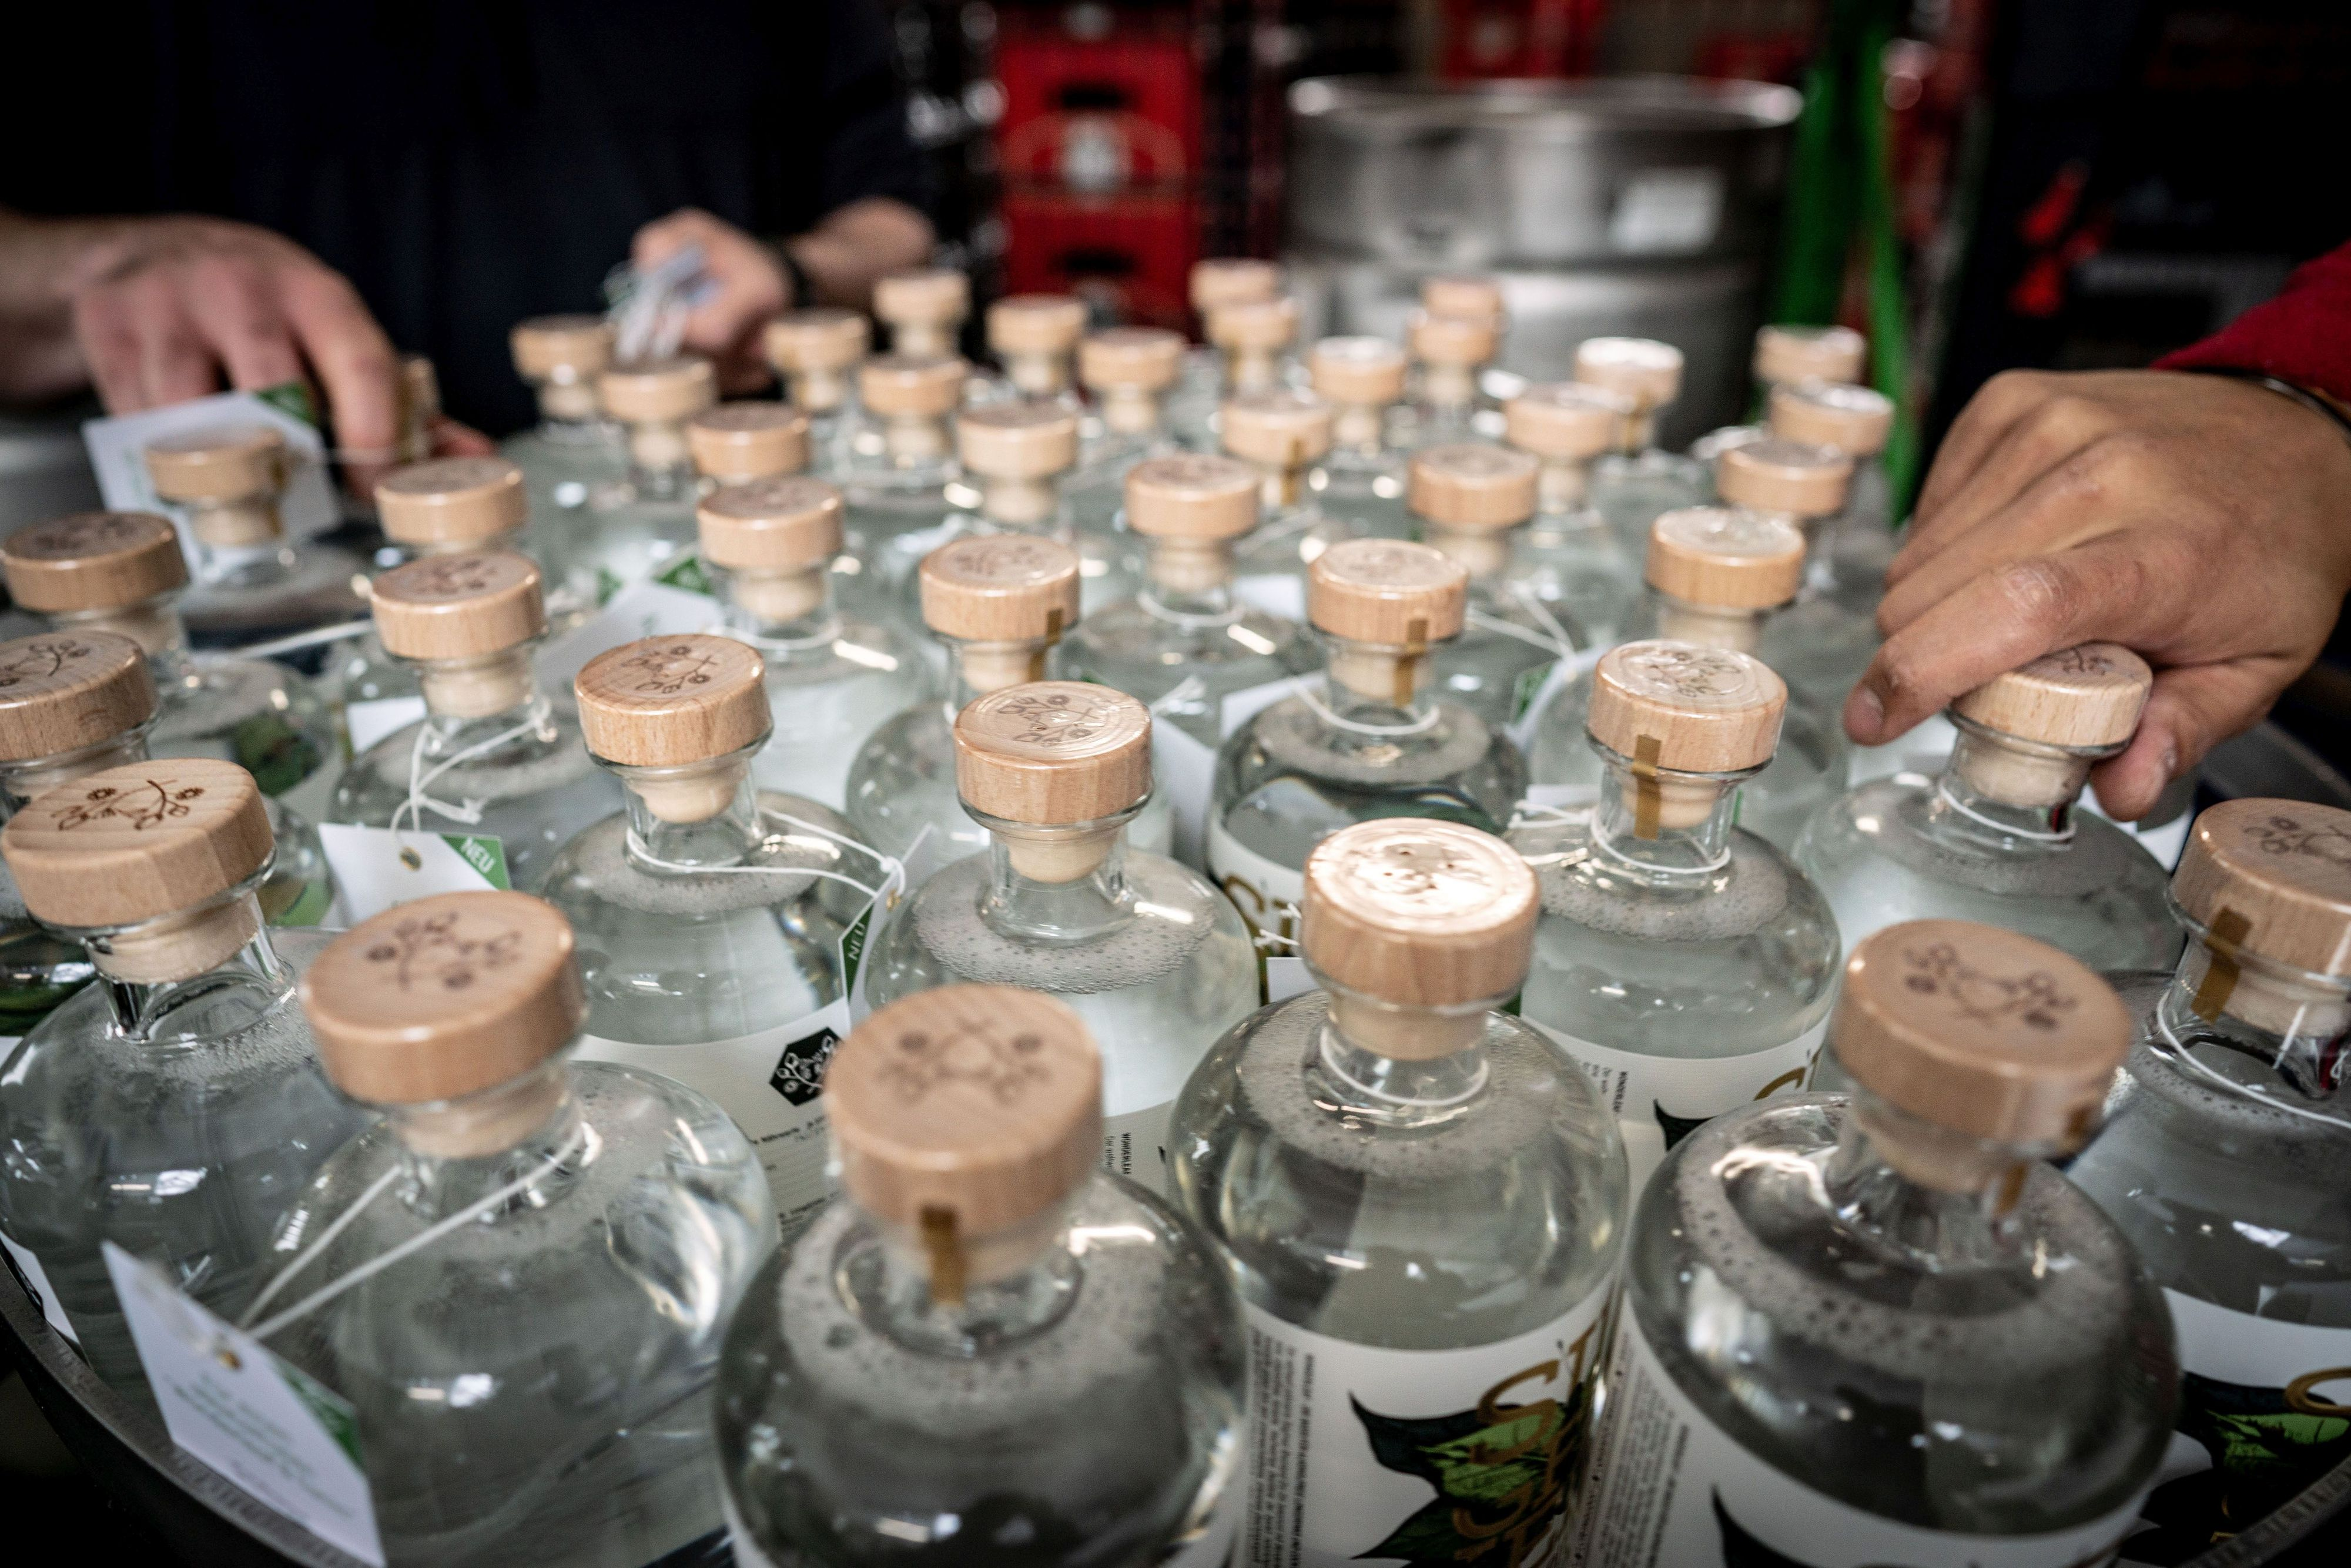 Die Nachfrage nach alkoholfreien Alternativen zu Spirituosen steigt, die Hersteller haben gut zu tun. Foto: djd/Rheinland Distillers GmbH